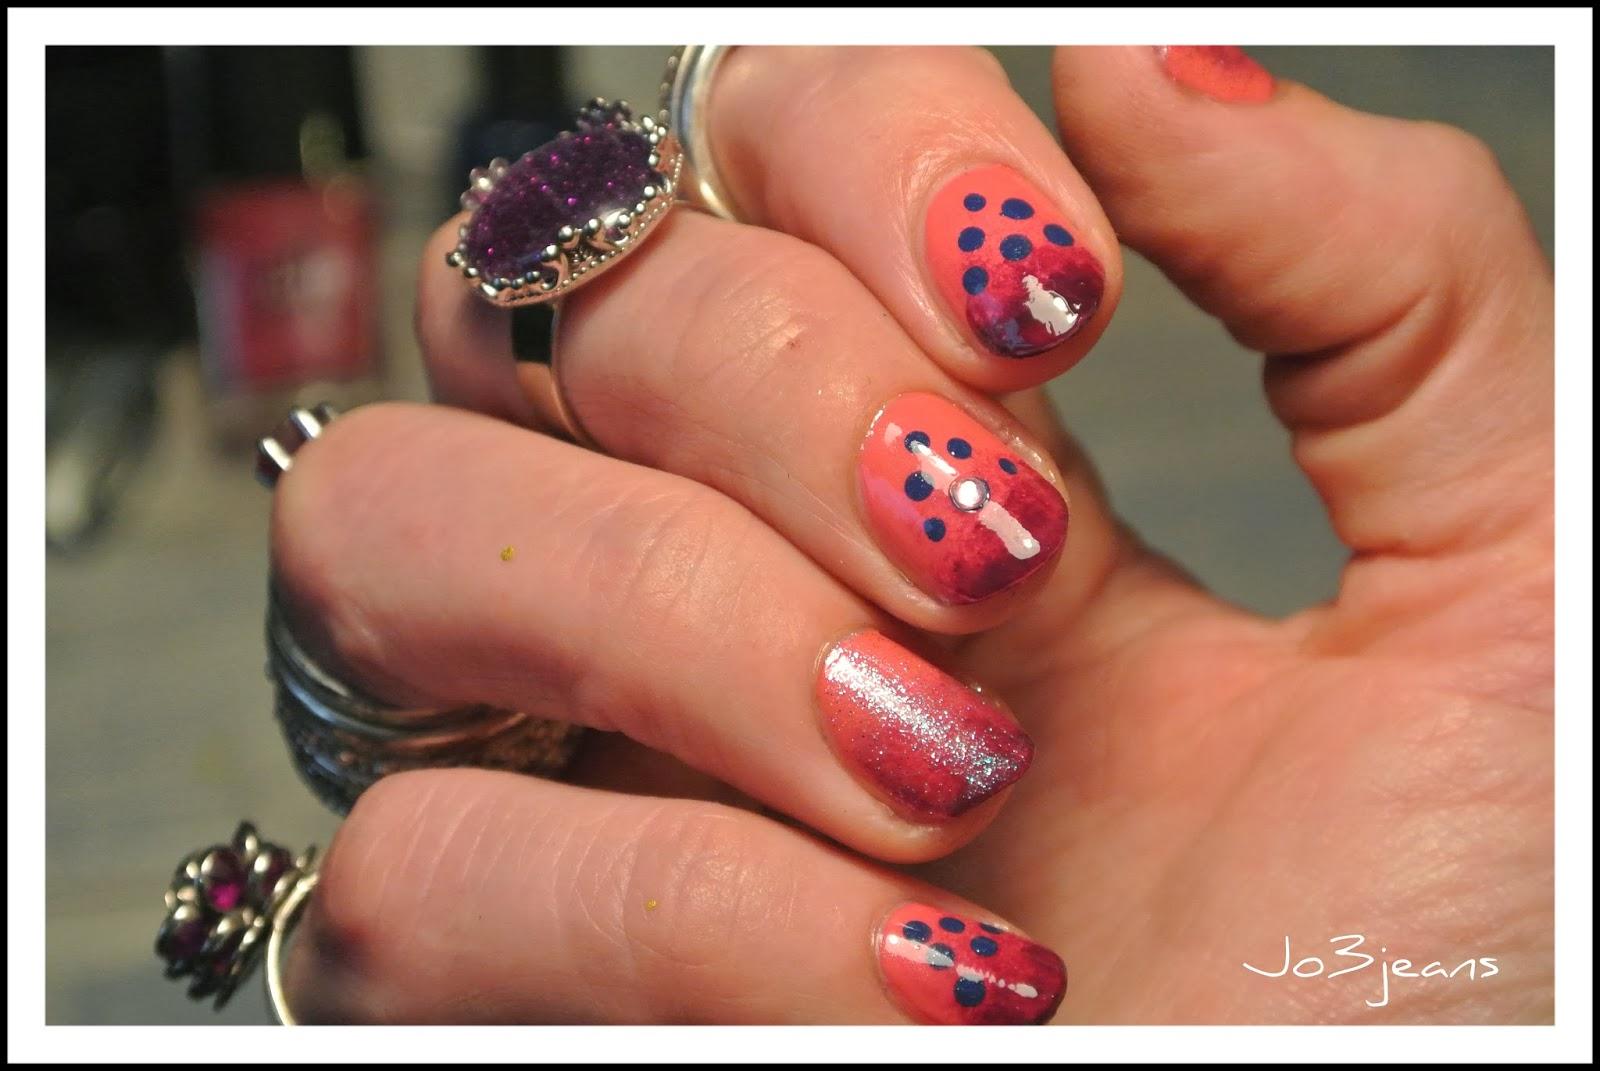 évolution dans la pratique du nail art